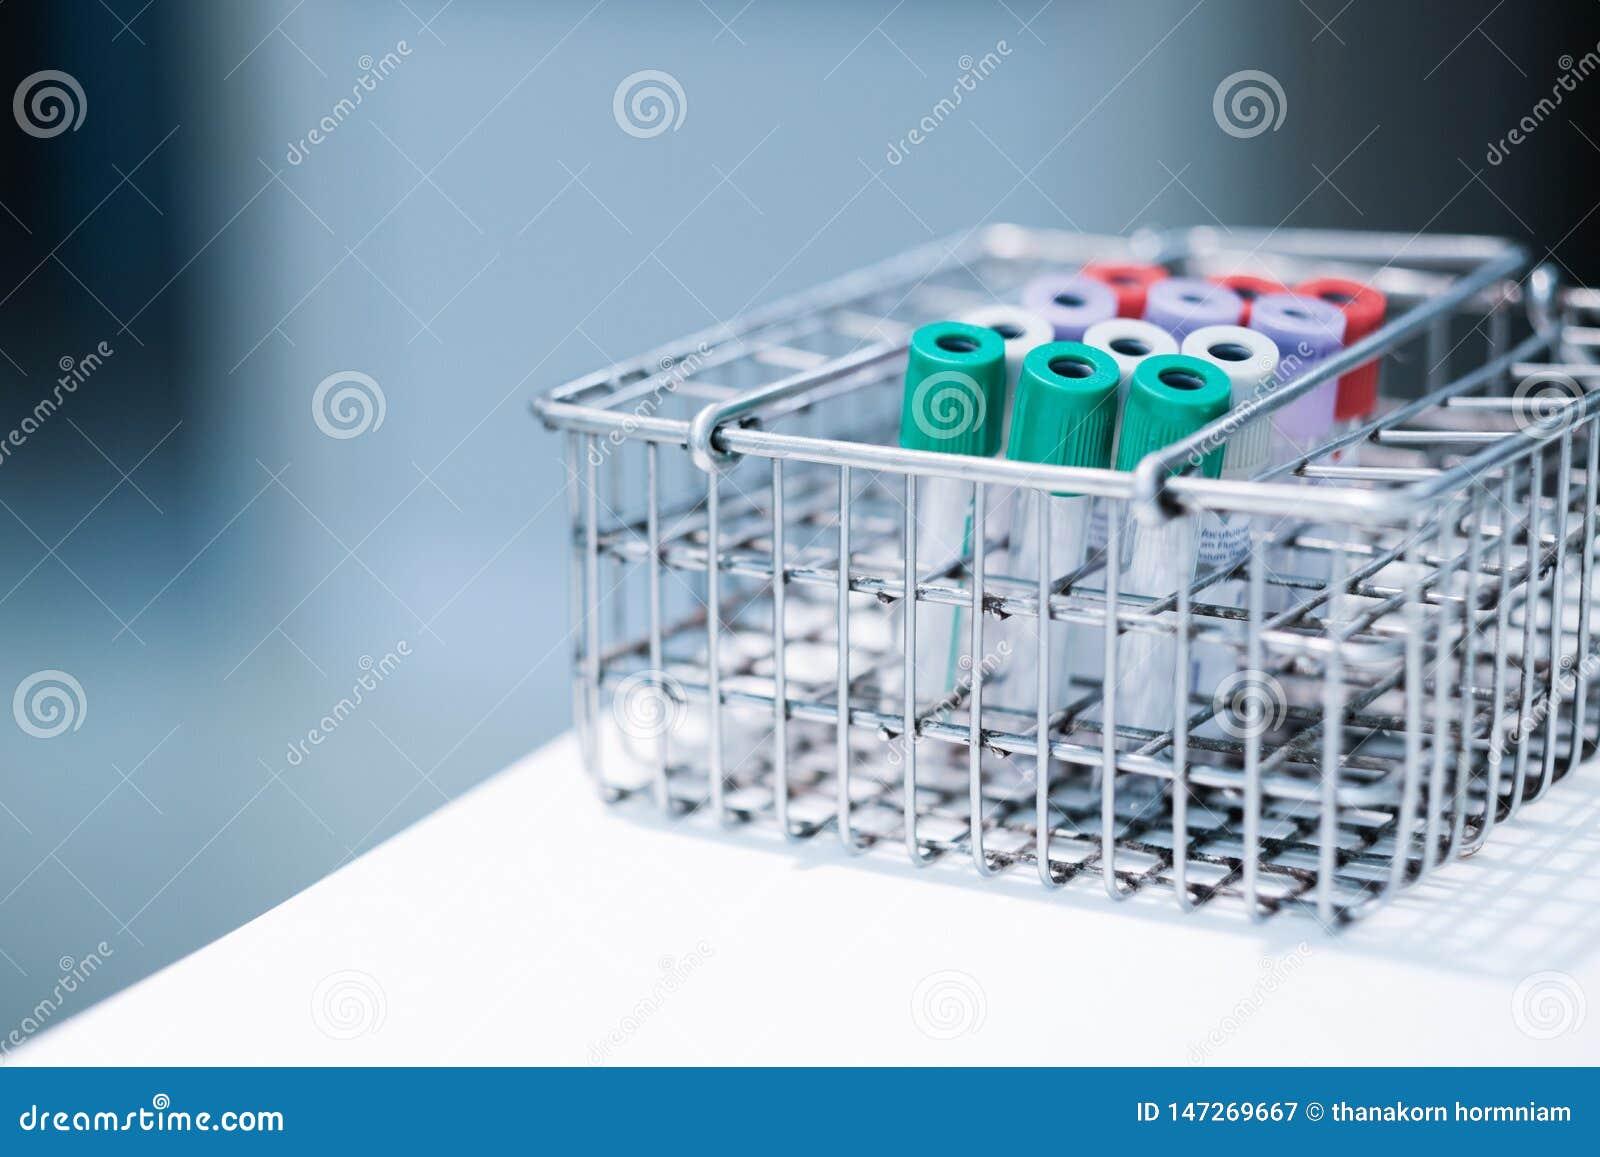 Blutsammlungsgerät